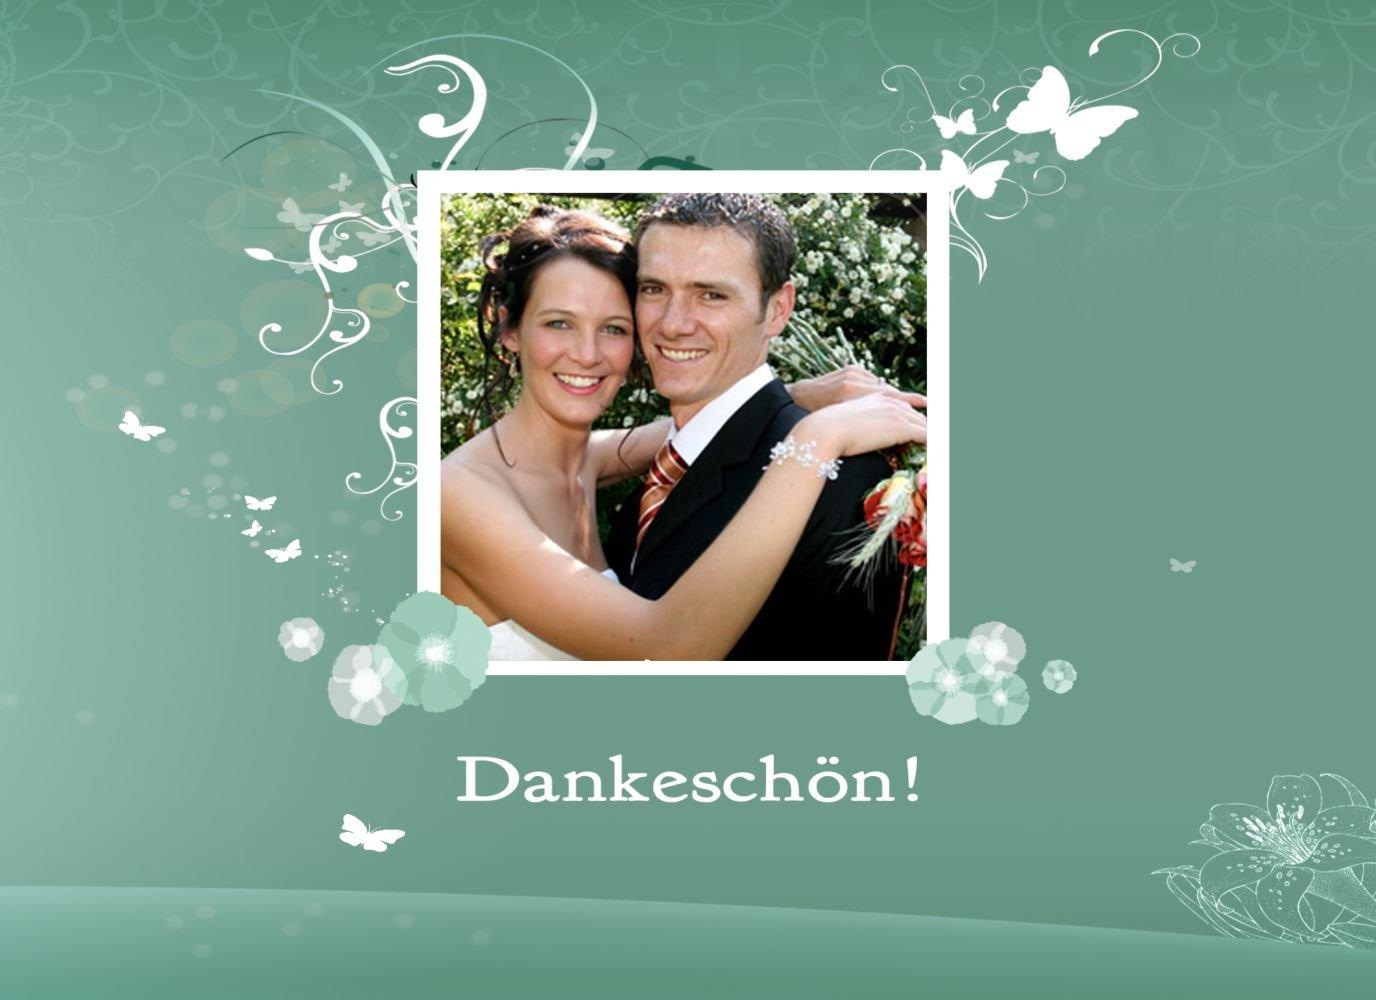 Kartenparadies Danksagung für Hochzeitsgeschenke Hochzeit Danke Dream, hochwertige Danksagungskarte Danksagungskarte Danksagungskarte Hochzeitsglückwünsche inklusive Umschläge   10 Karten - (Format  148x105 mm) Farbe  HellRosa B01MS9Z5GT   Quality First    Gute Qualit 62758b